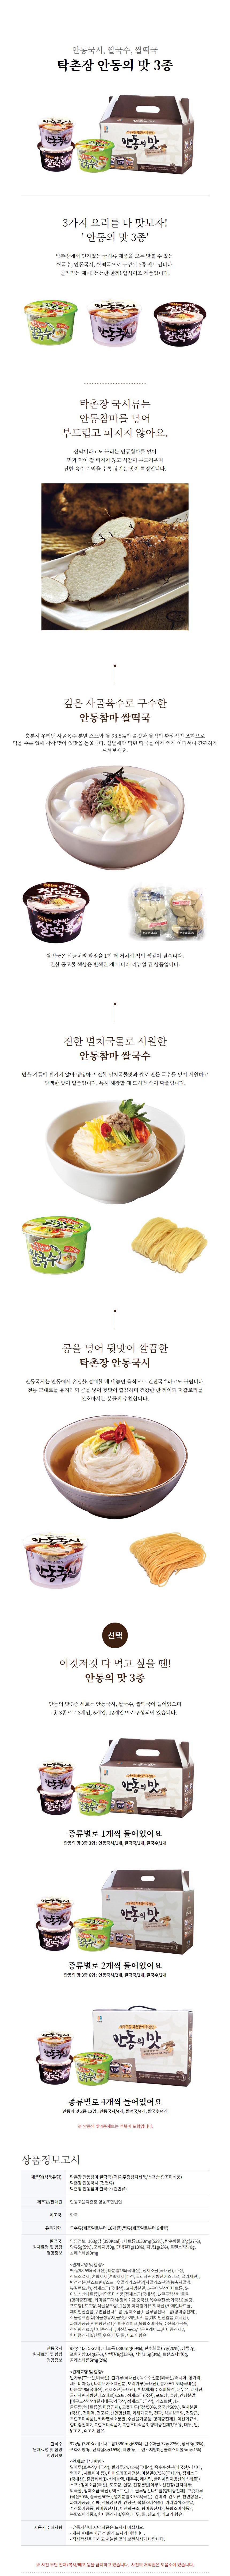 안동의맛3종